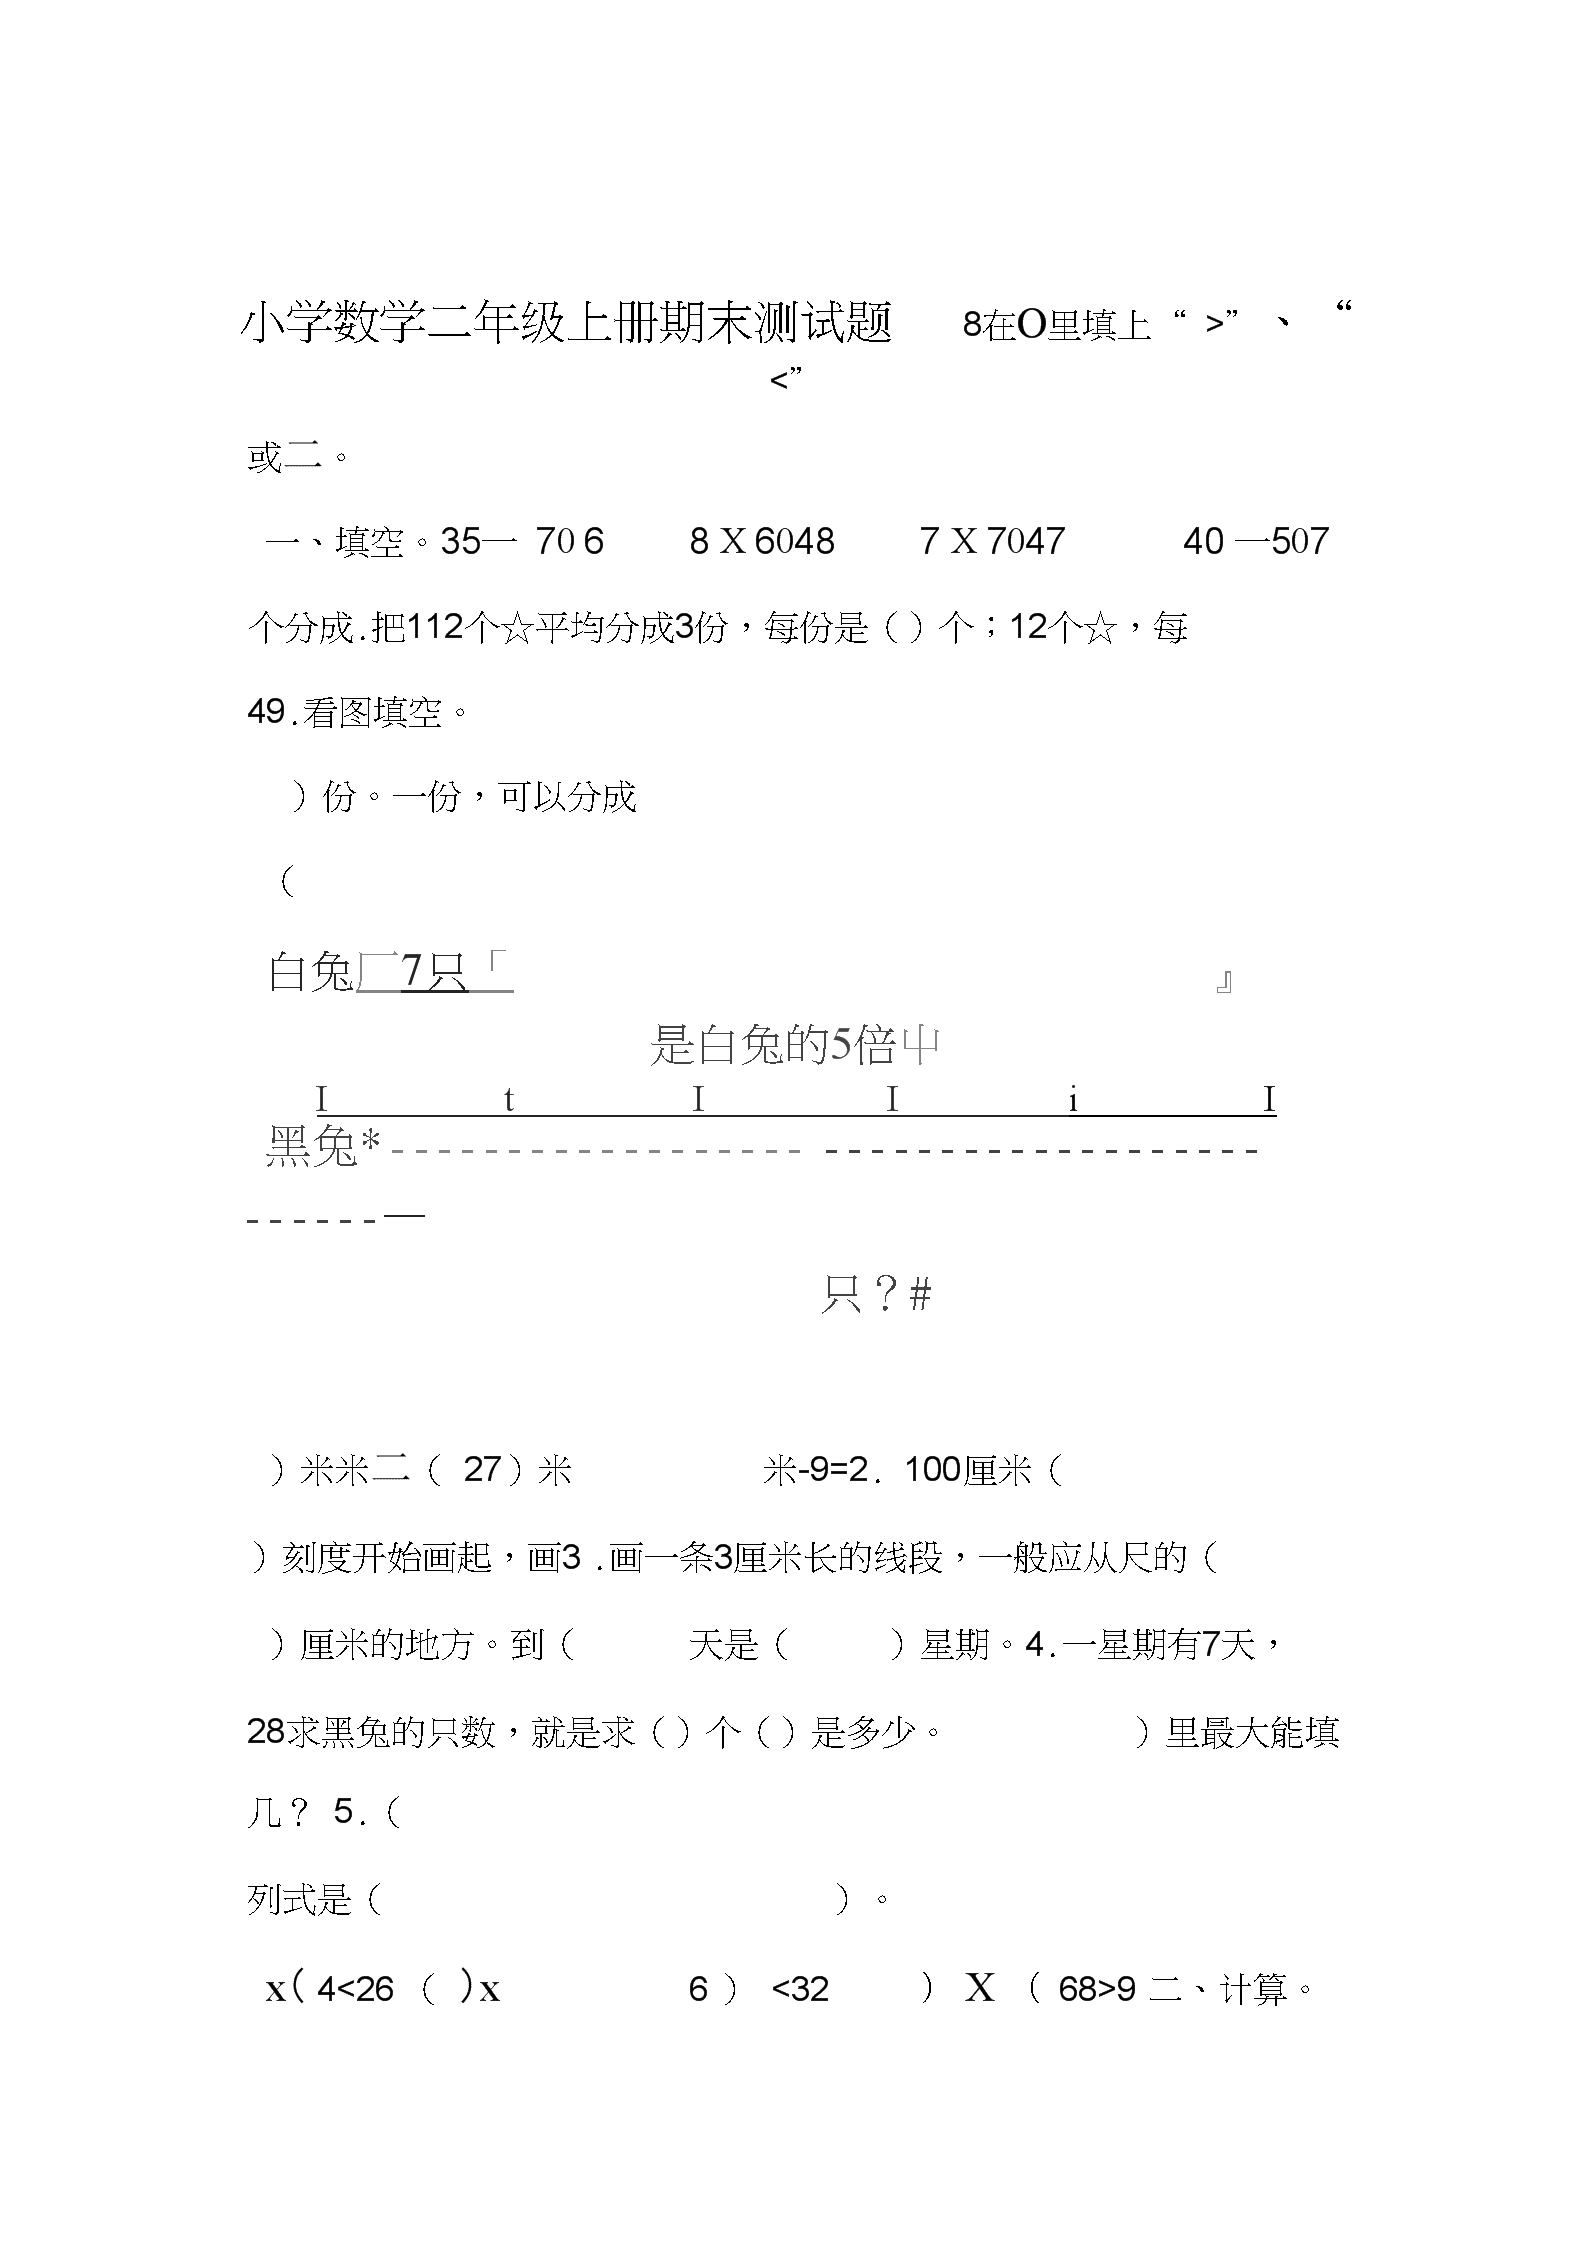 小学数学二年级上册期末测试题西师版.docx